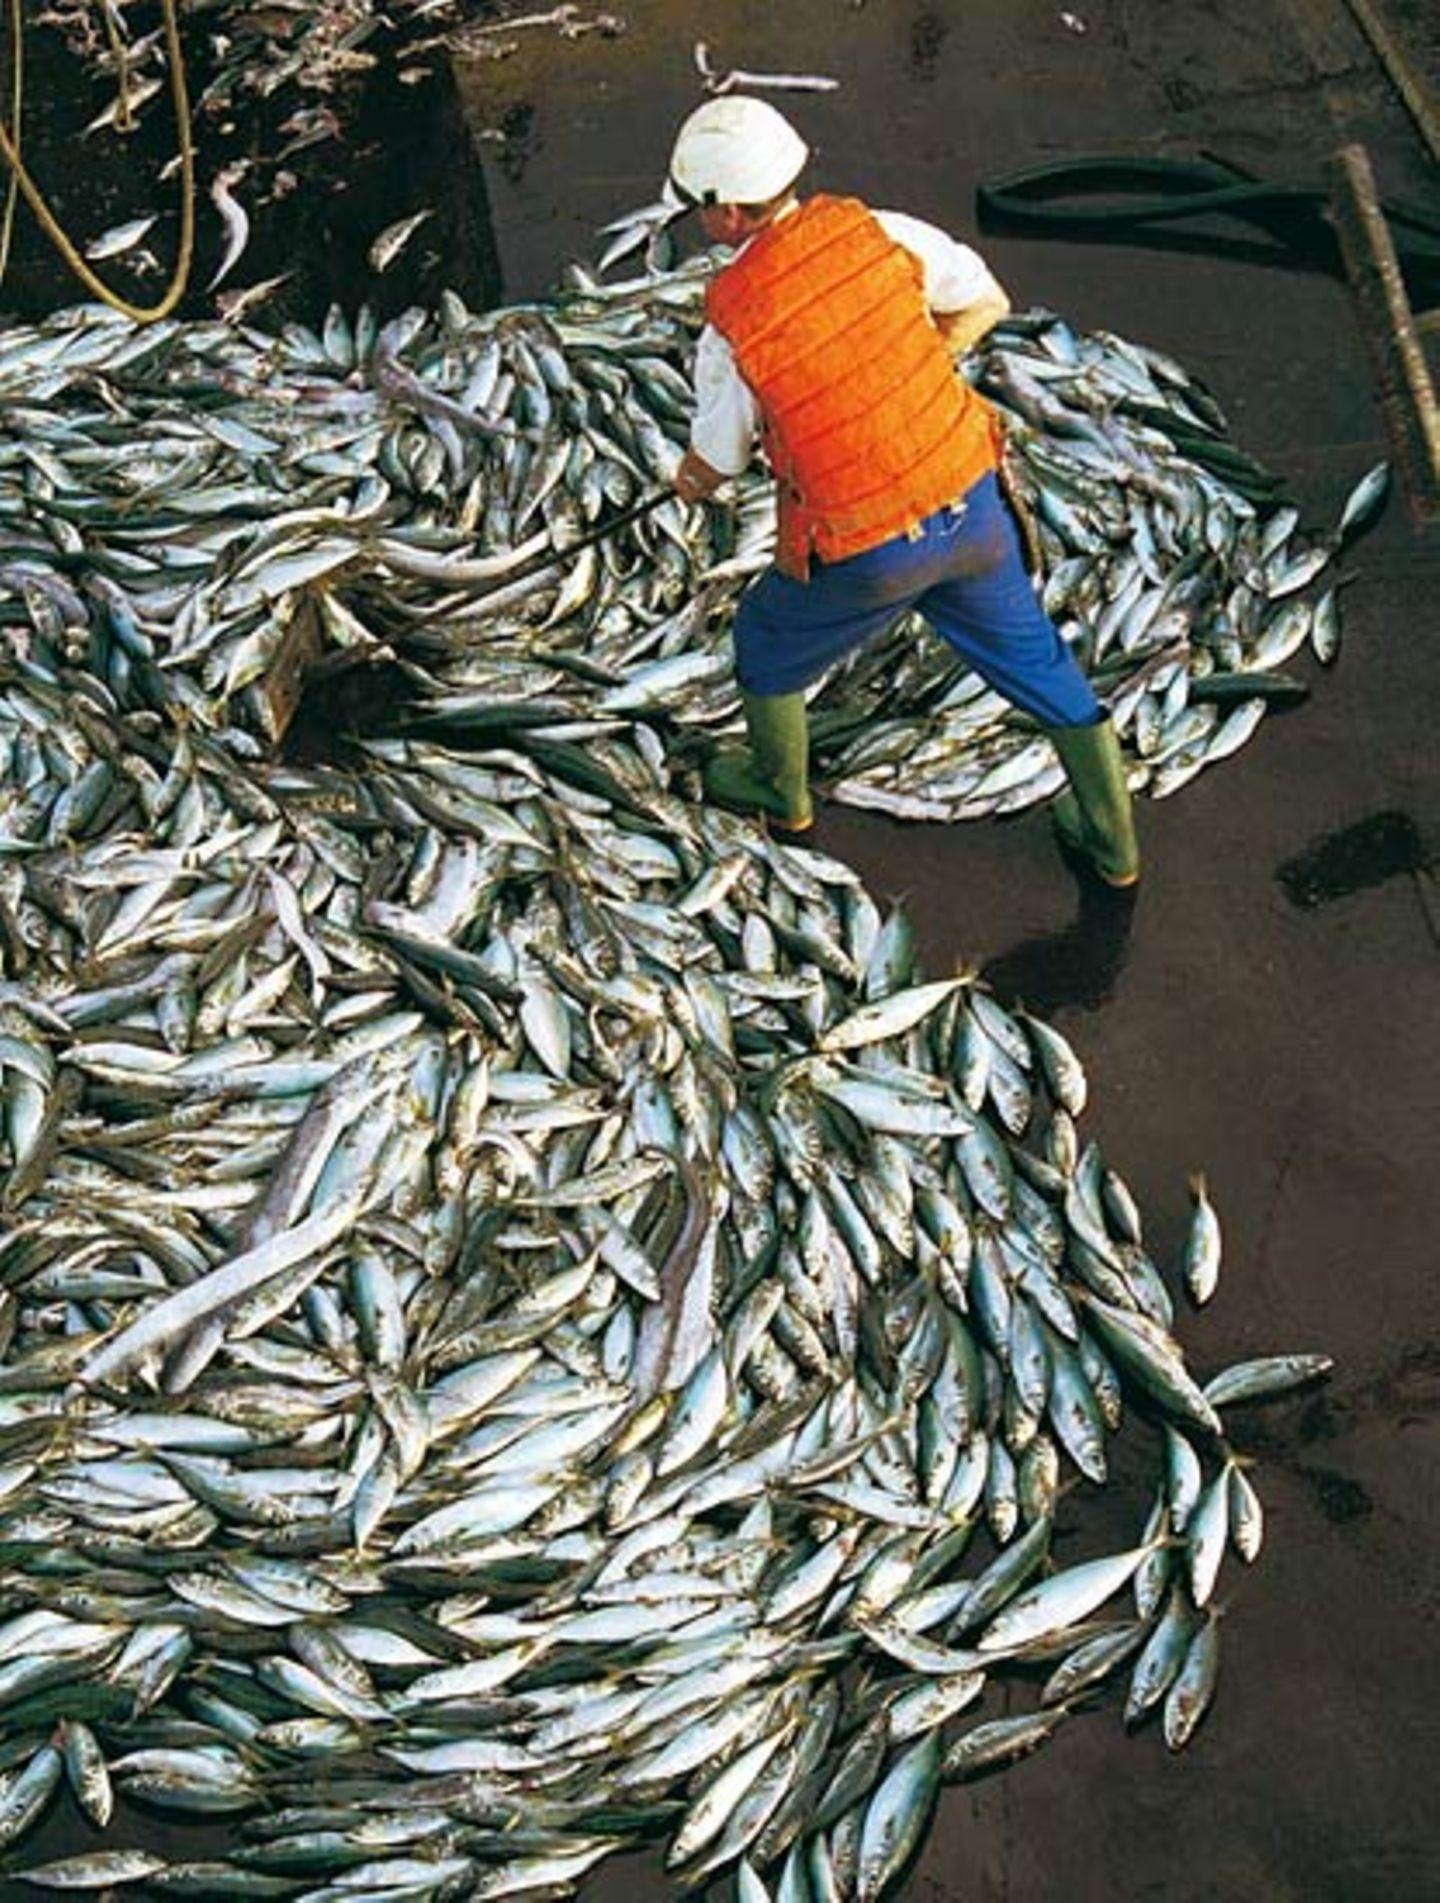 Welchen Fisch darf man noch essen? - Bild 2